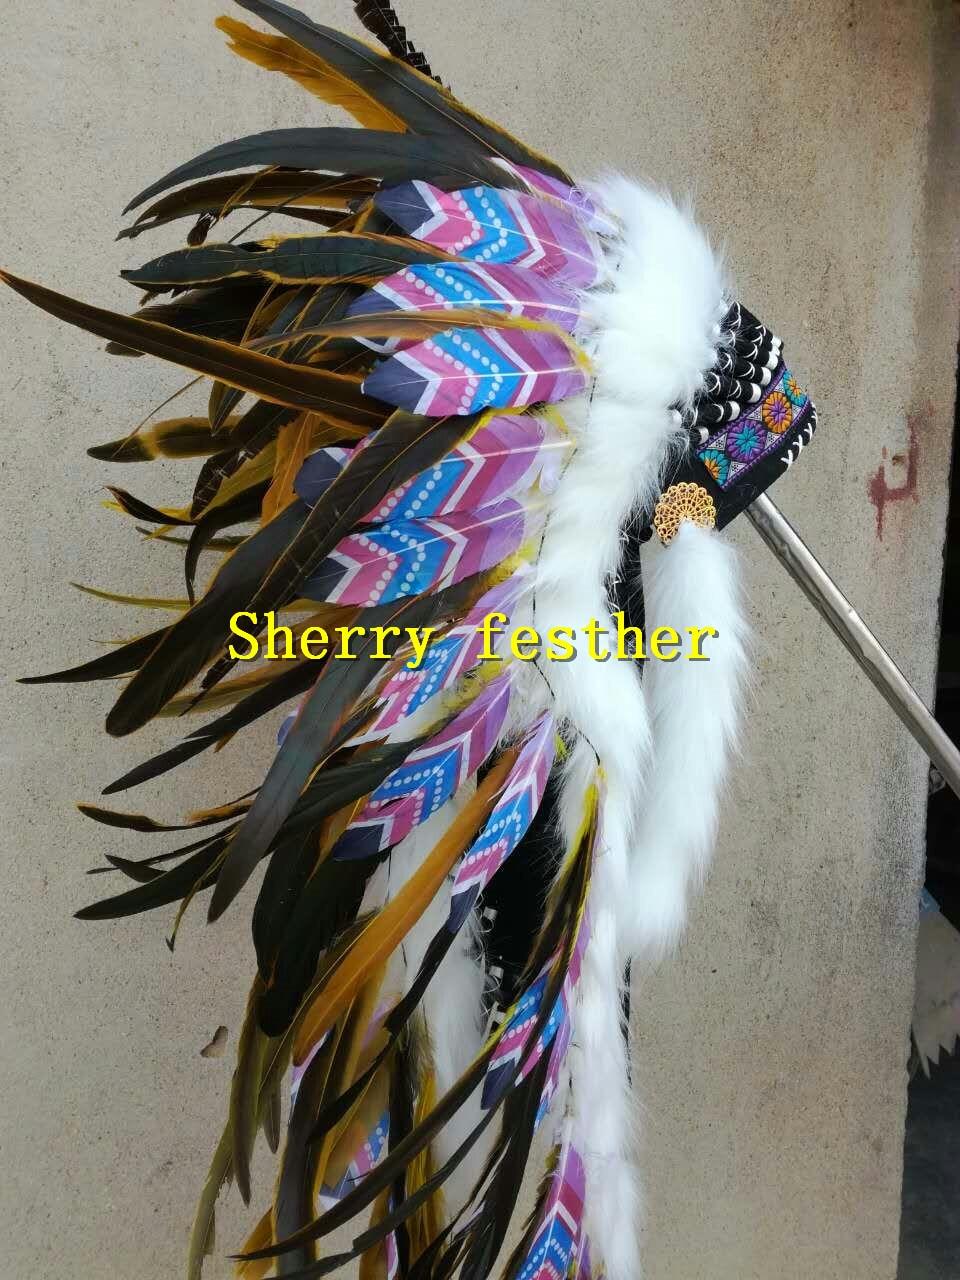 28inch 오렌지 깃털 머리 장식 머리띠 할로윈 깃털 모자 의상 파티 의상-에서깃털부터 홈 & 가든 의  그룹 1